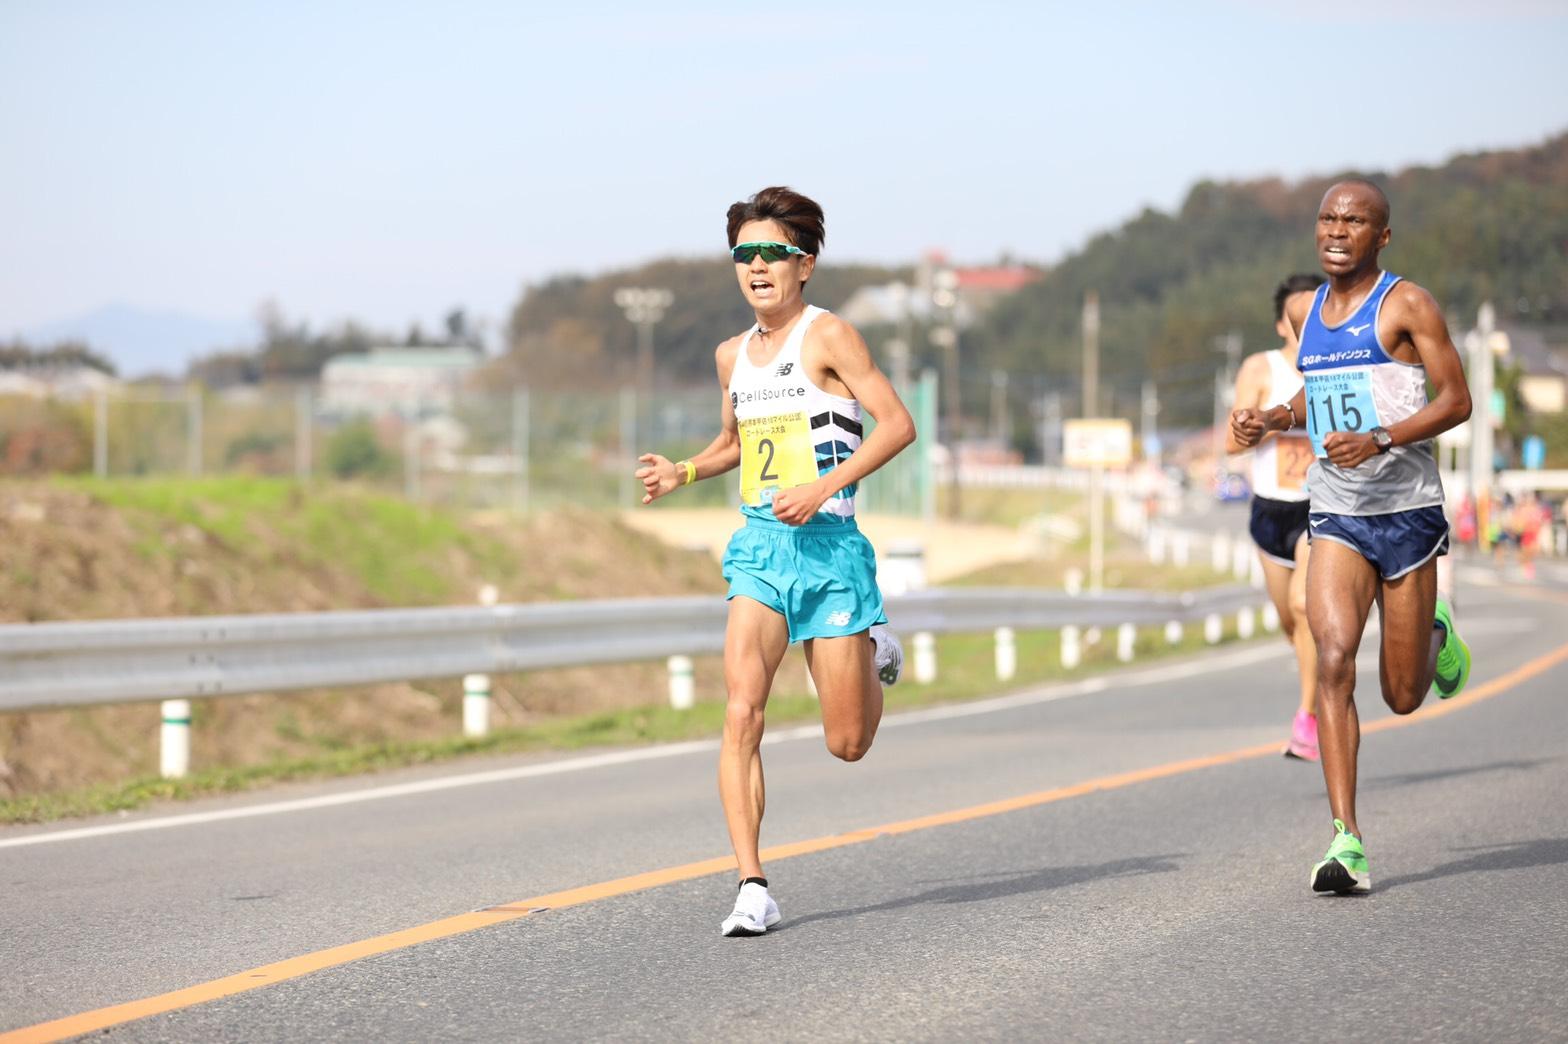 2019.12.6.熊本甲佐10マイルロードレース